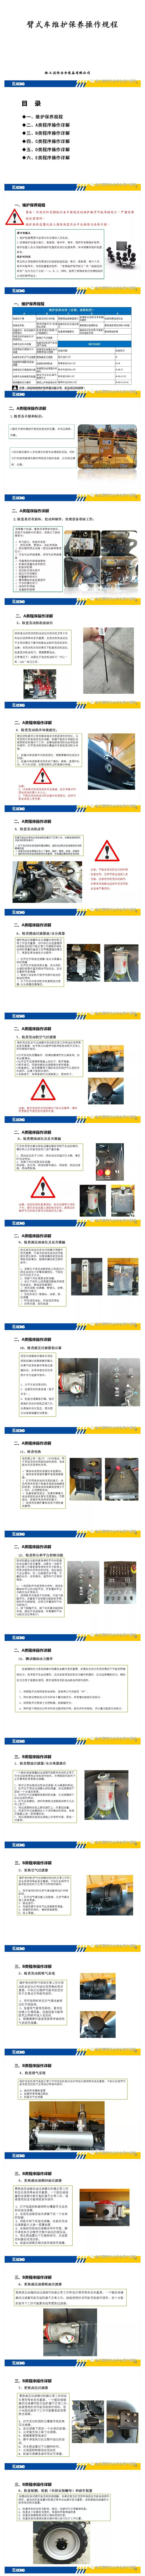 FireShot Capture 010 - 徐工高空作业平台曲臂式维护保养操作规程 - mp.weixin.qq.jpg